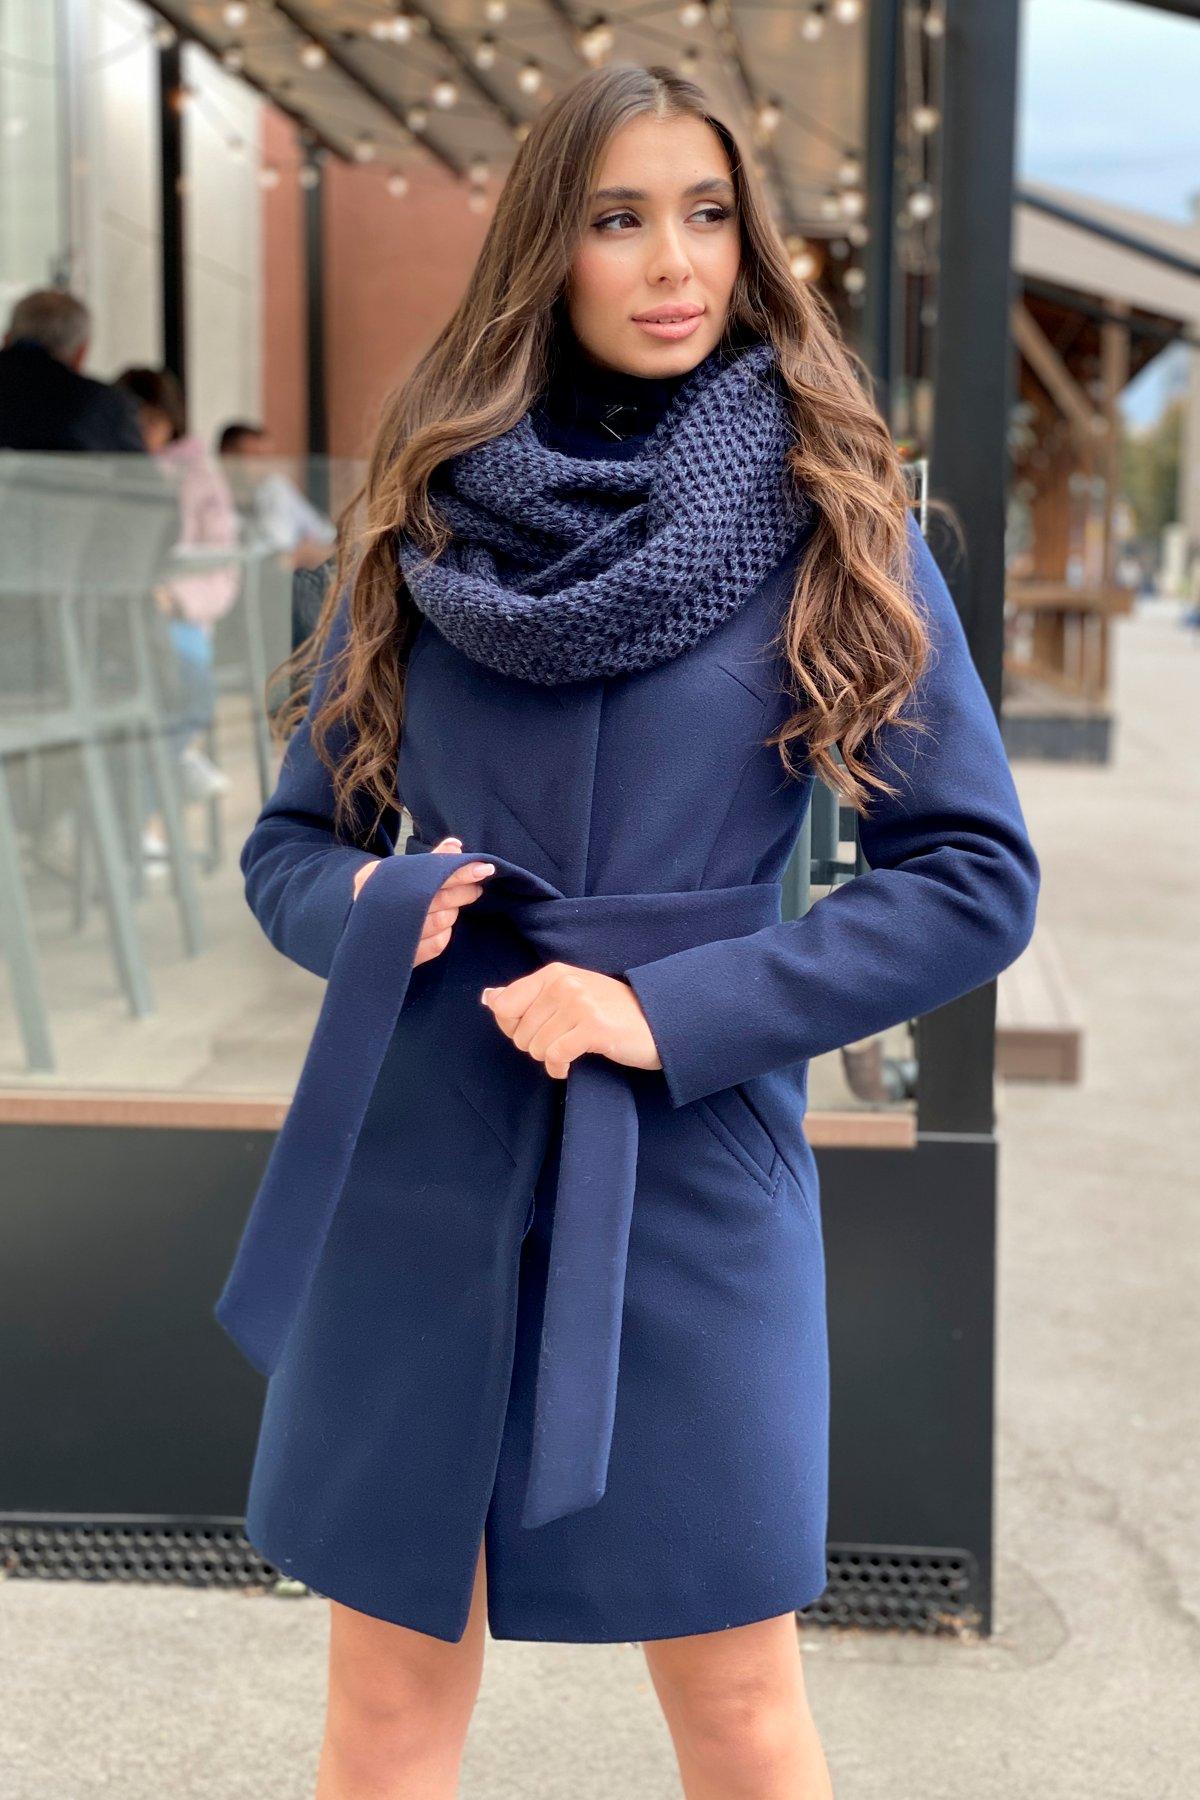 Пальто зима с хомутом Люцея 8211 АРТ. 44224 Цвет: Т.синий Н-14 - фото 11, интернет магазин tm-modus.ru